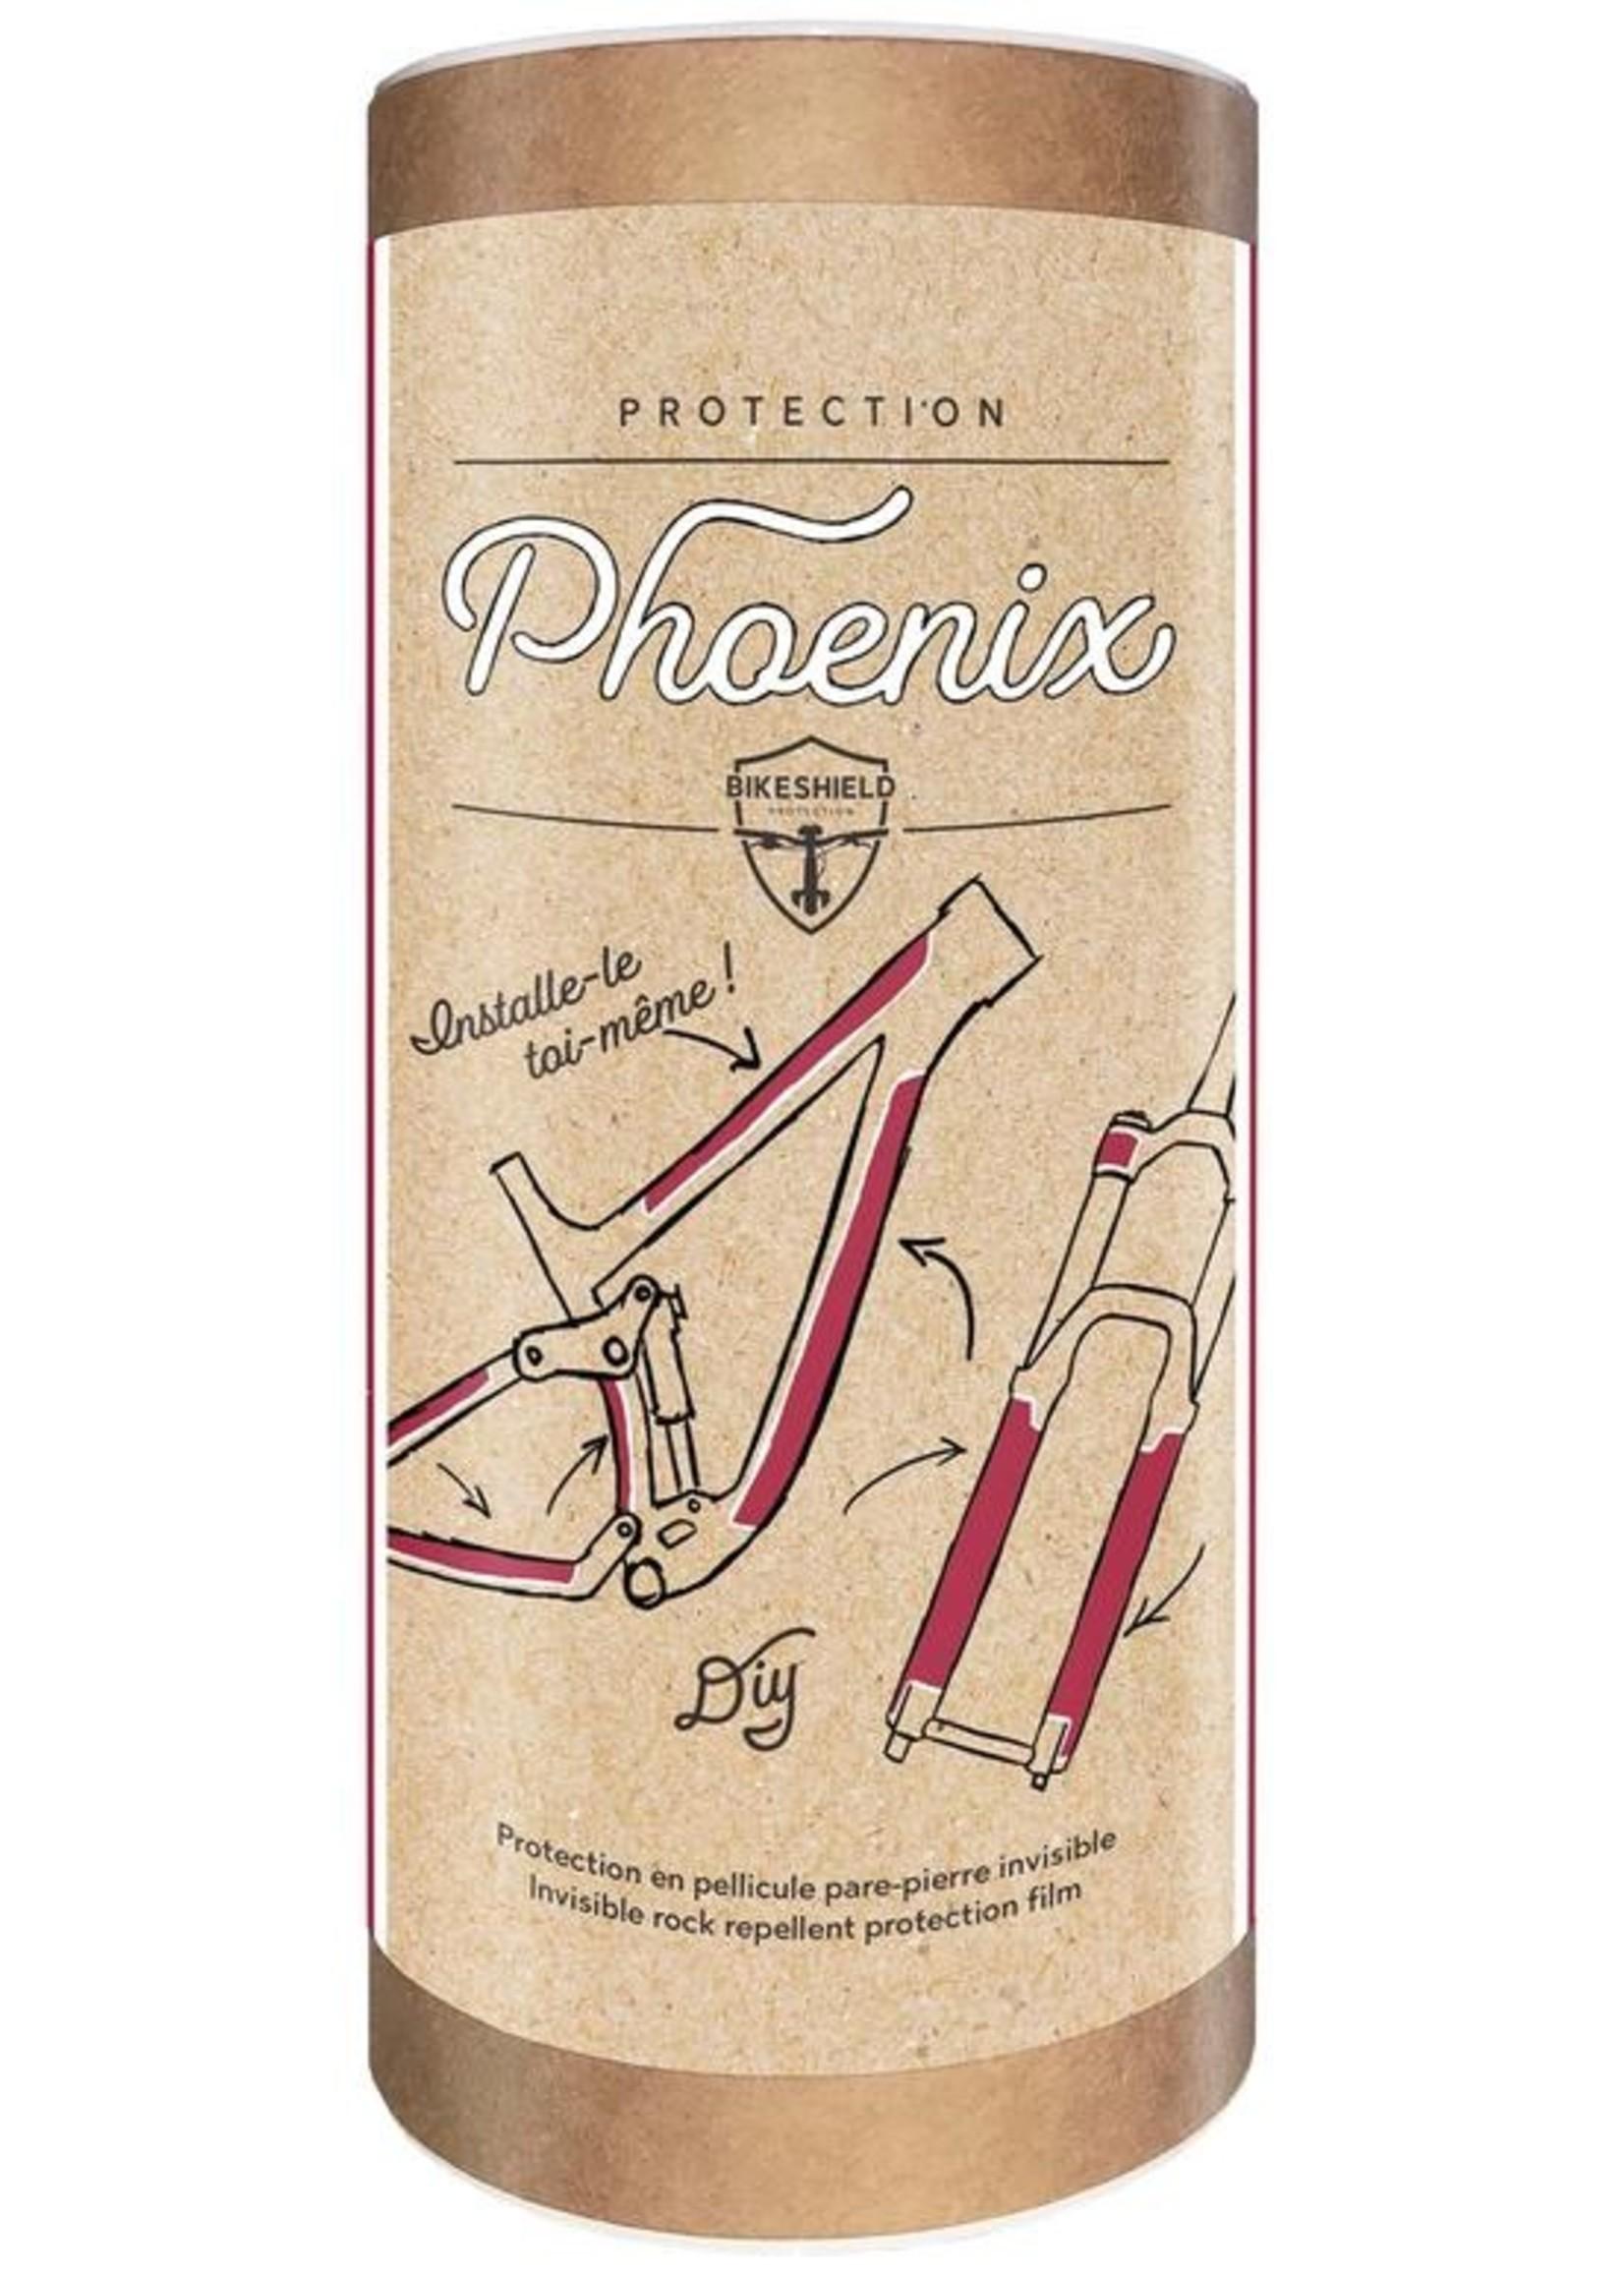 Bikeshield Pheonix